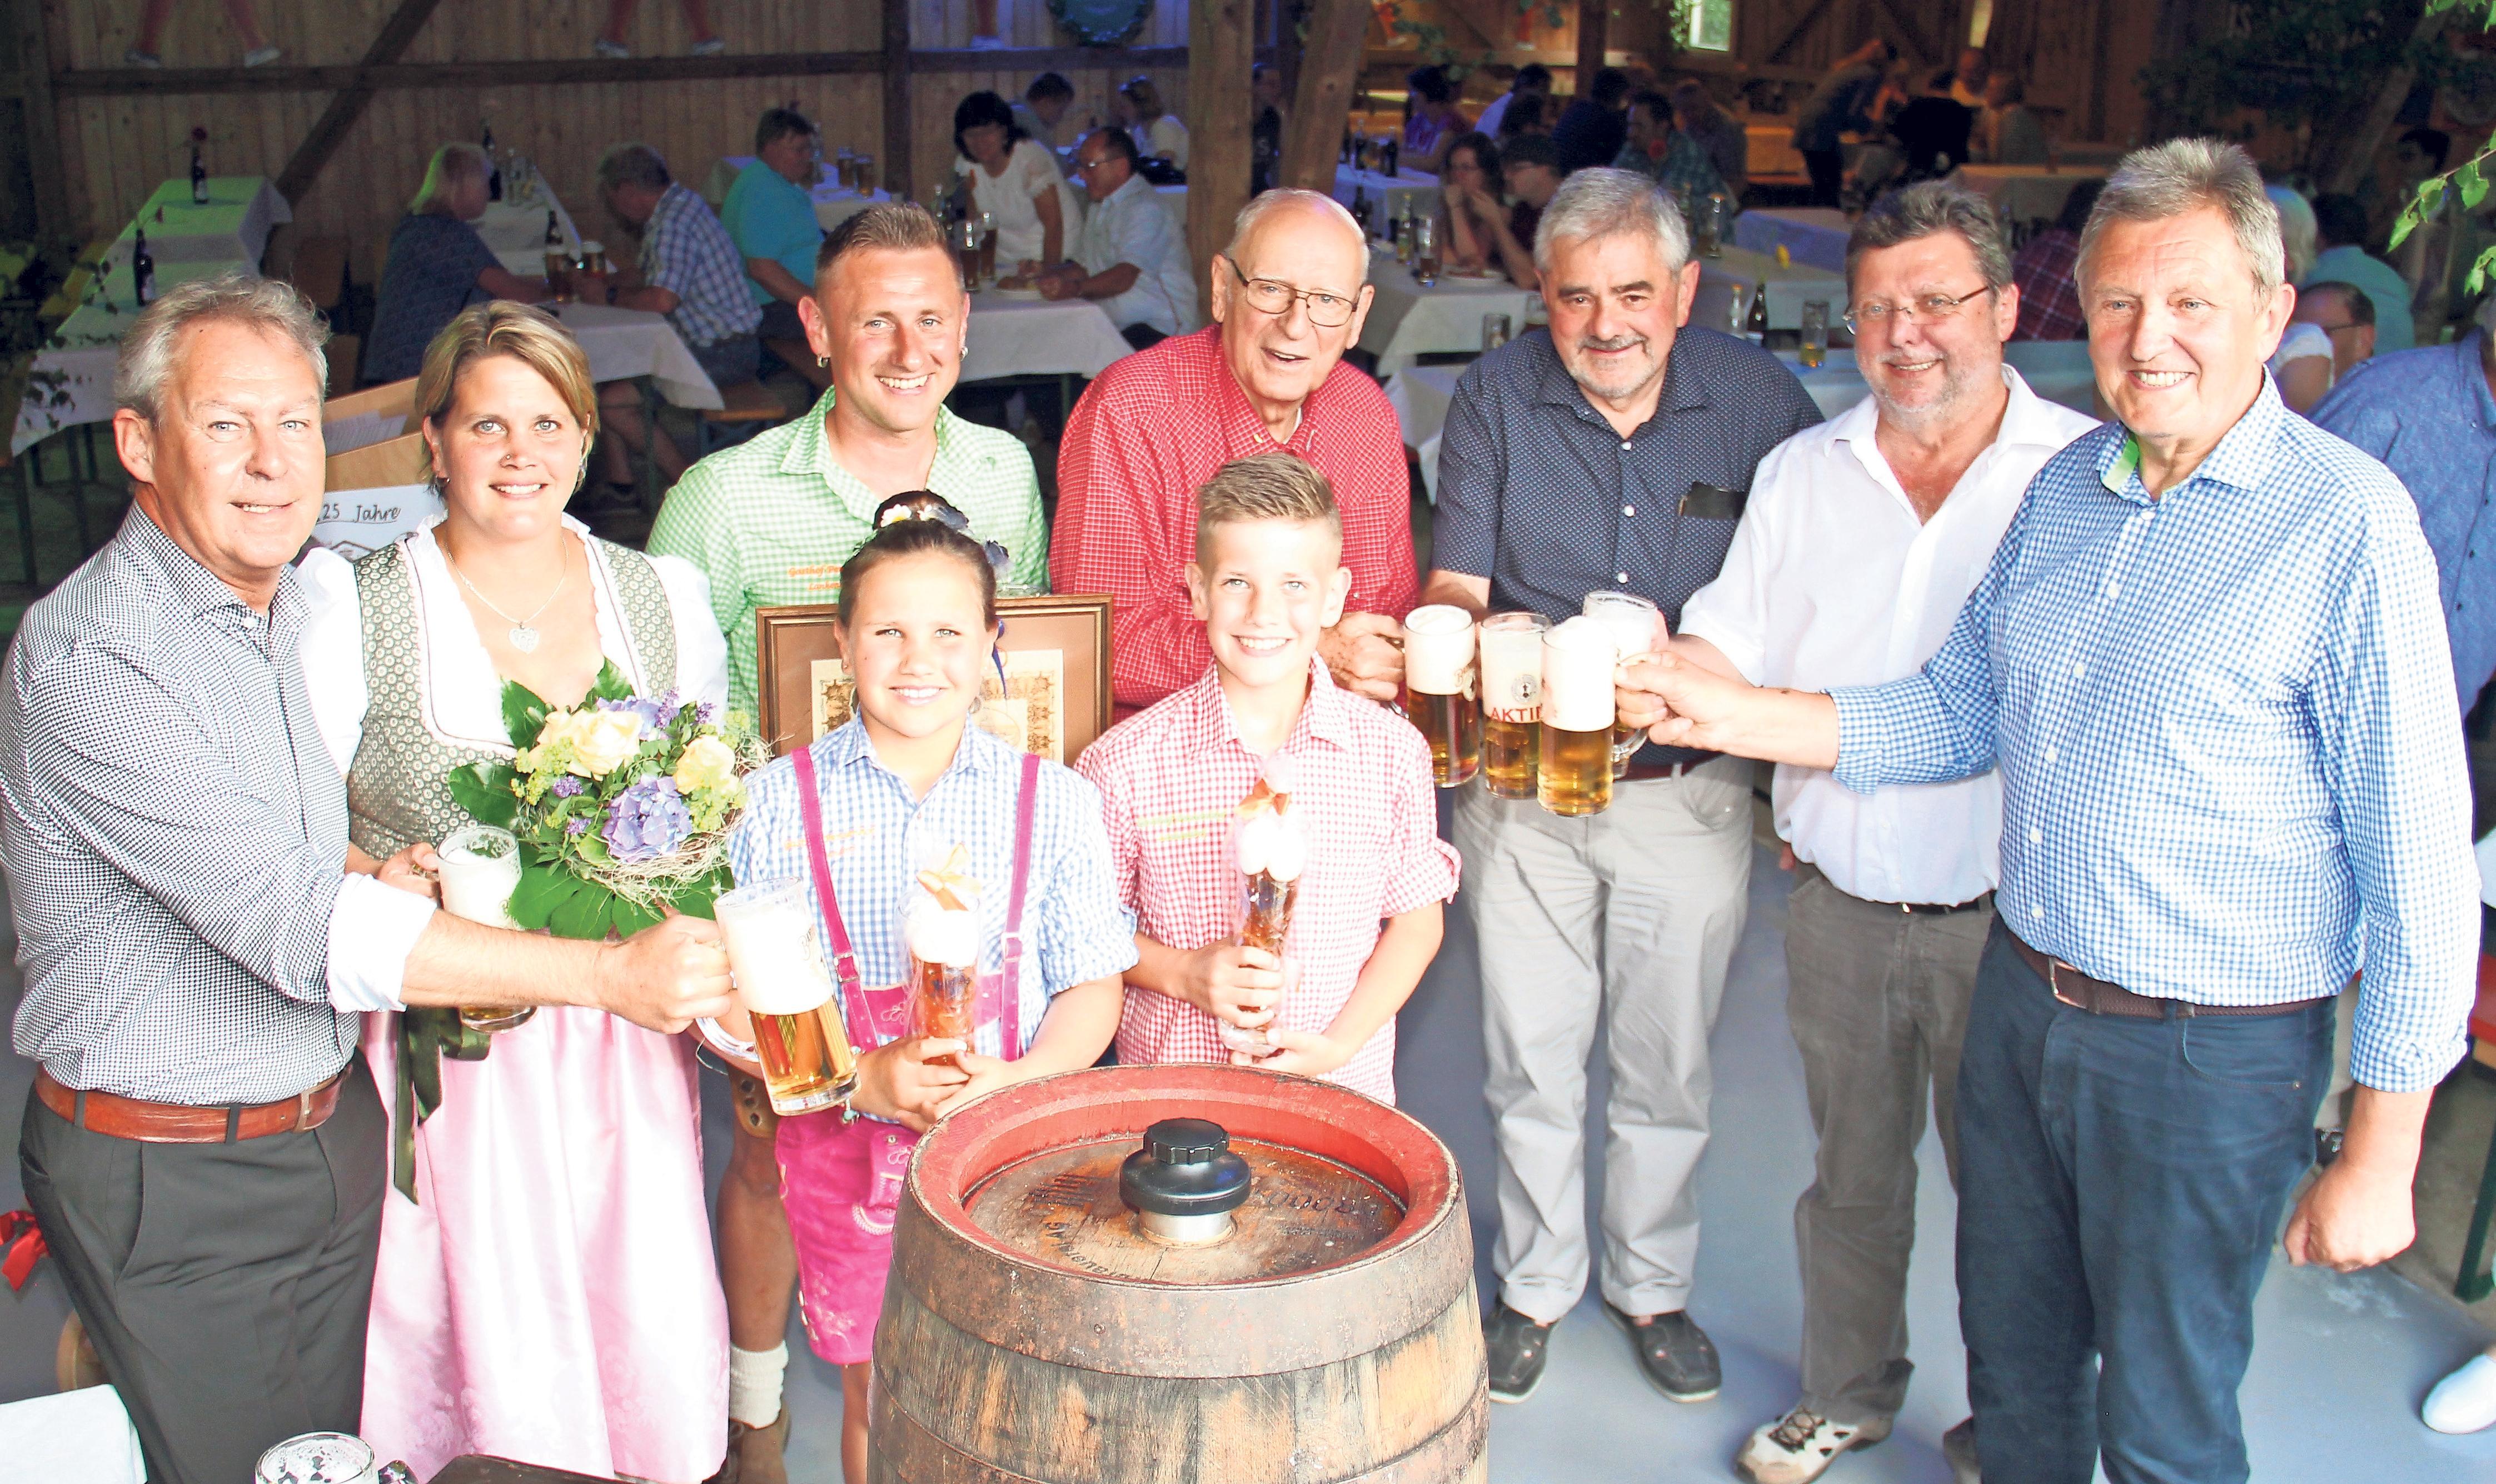 Seit 125 Jahren bezieht der Pensenhof sein Bier von der Brauerei Maisel. Das wurde im Juni mit zahlreichen Ehrengästen, darunter der Seniorchef der Brauerei Oskar Maisel (hinten MItte) sowie Landrat Hermann Hübner, Weidenbergs Bürgermeister Hans Wittauer und zweiter Bürgermeister Günter Dörfler (von rechts) gefeiert.